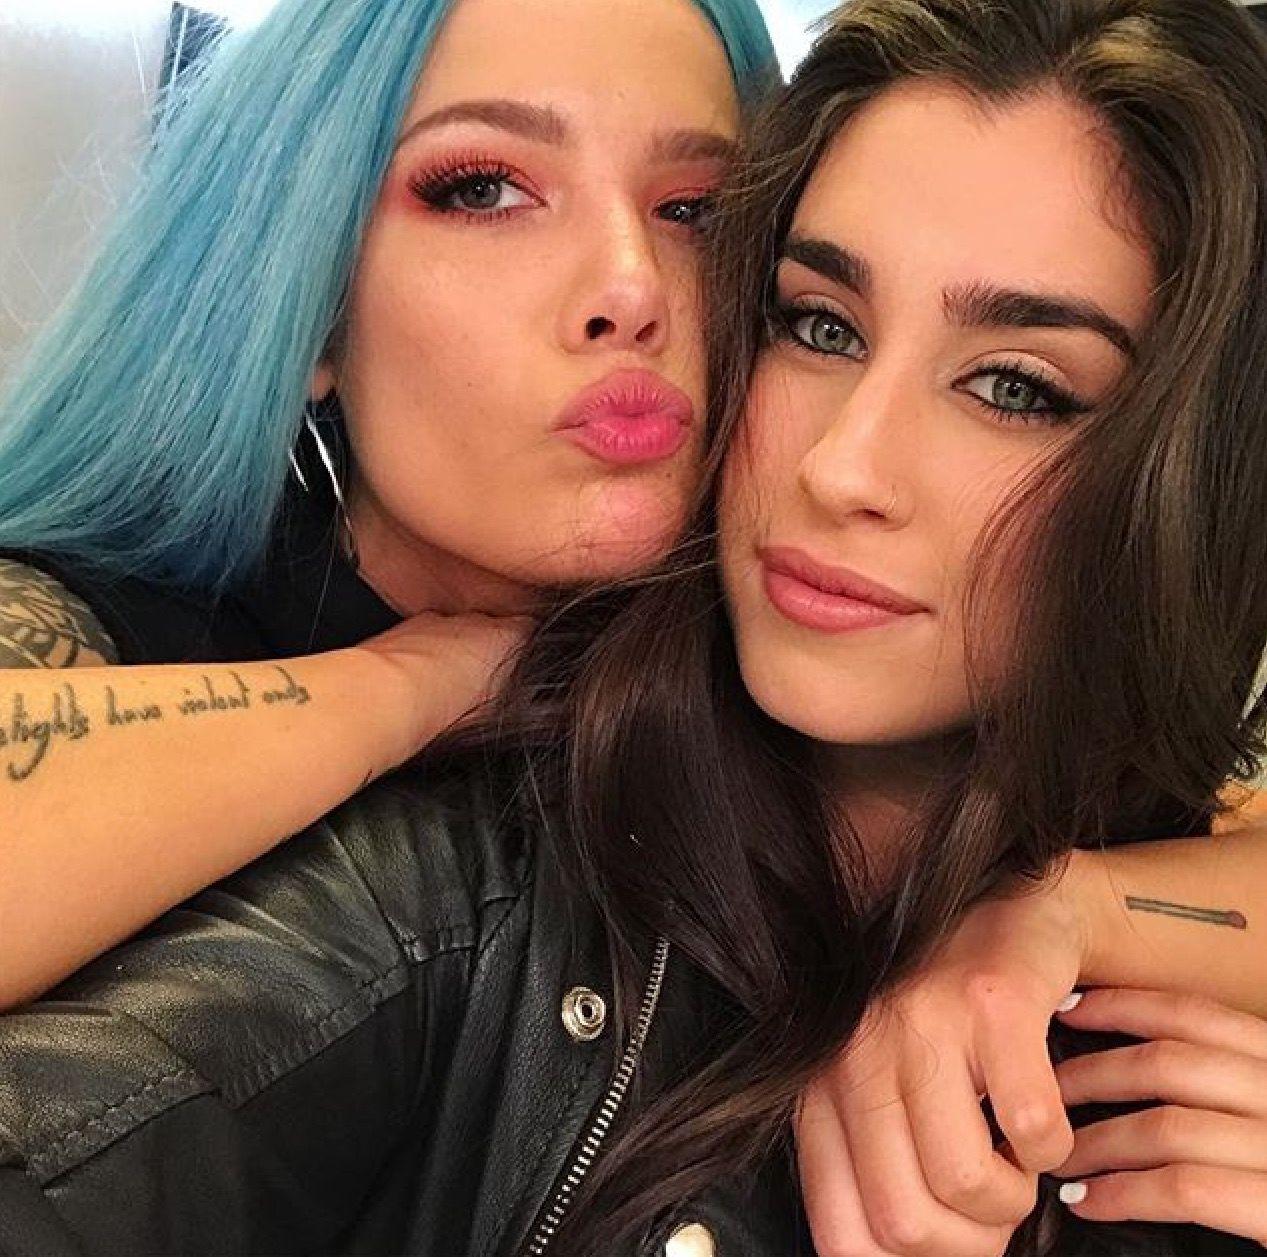 Er Camila og Lauren fra femte harmoni dating